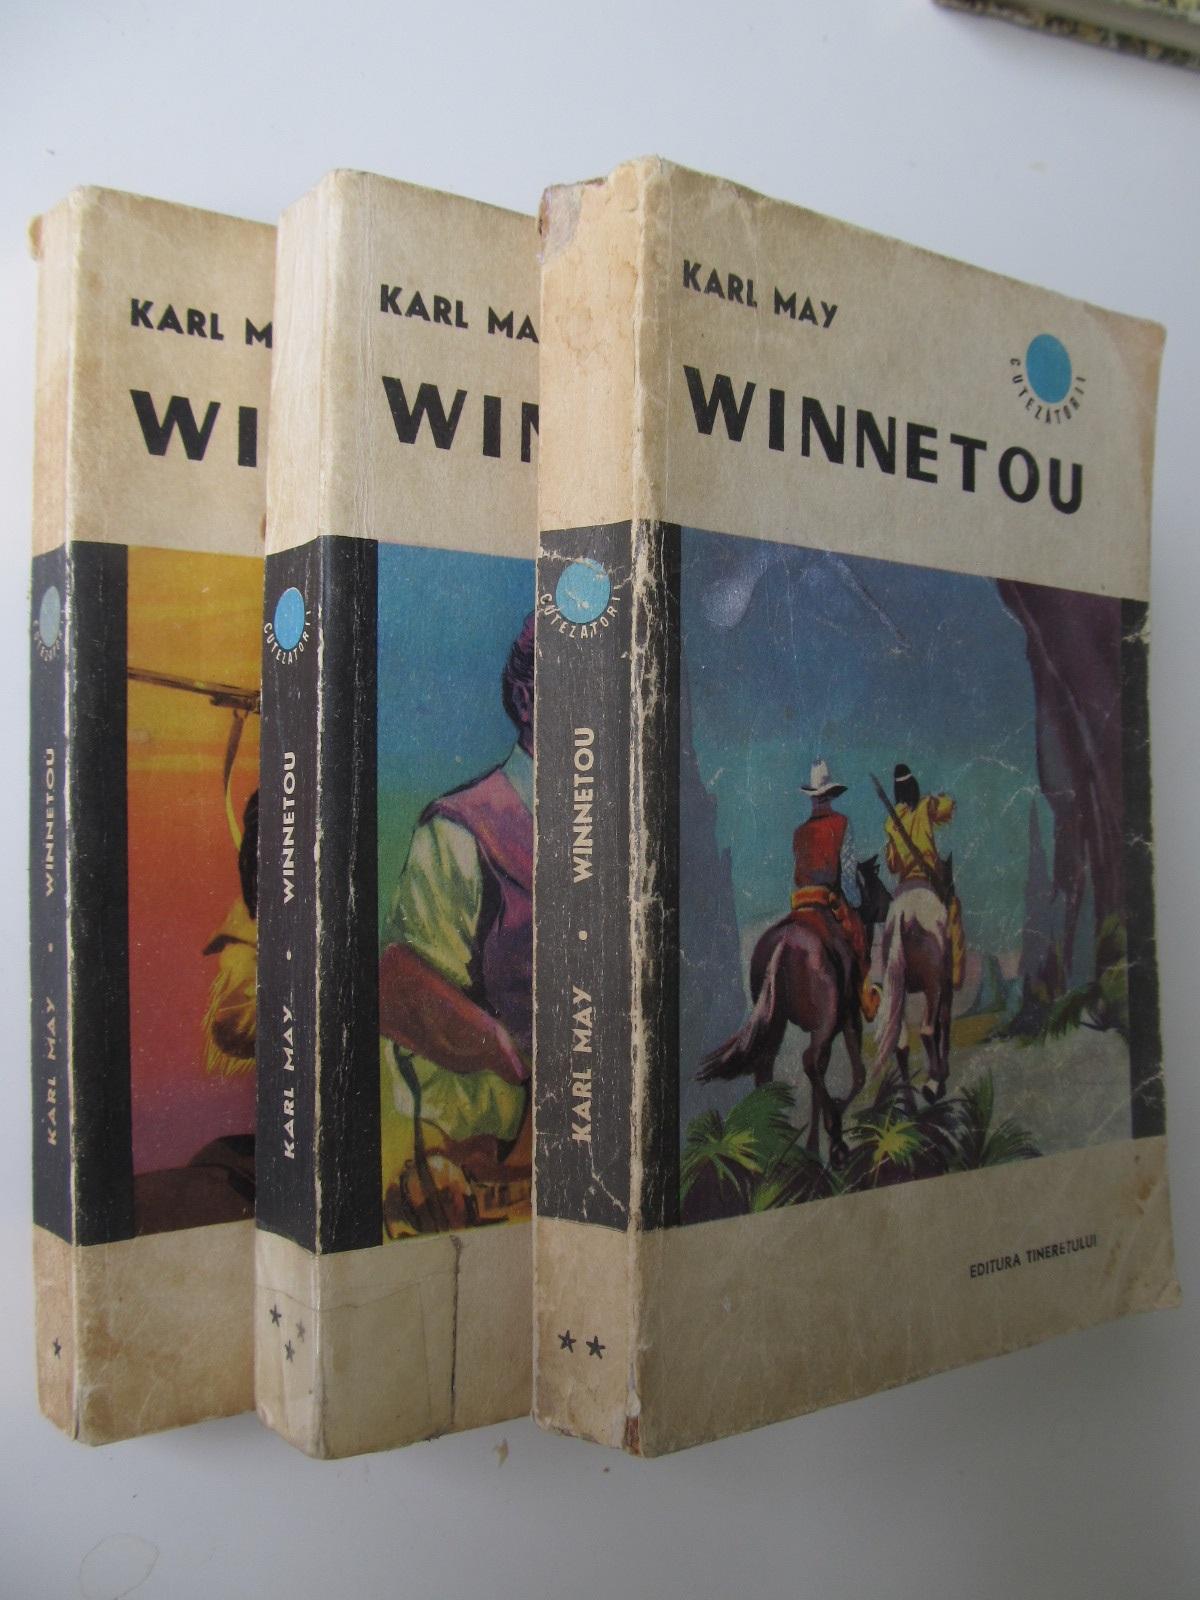 Winnetou (3 vol.) - complet - Karl May | Detalii carte